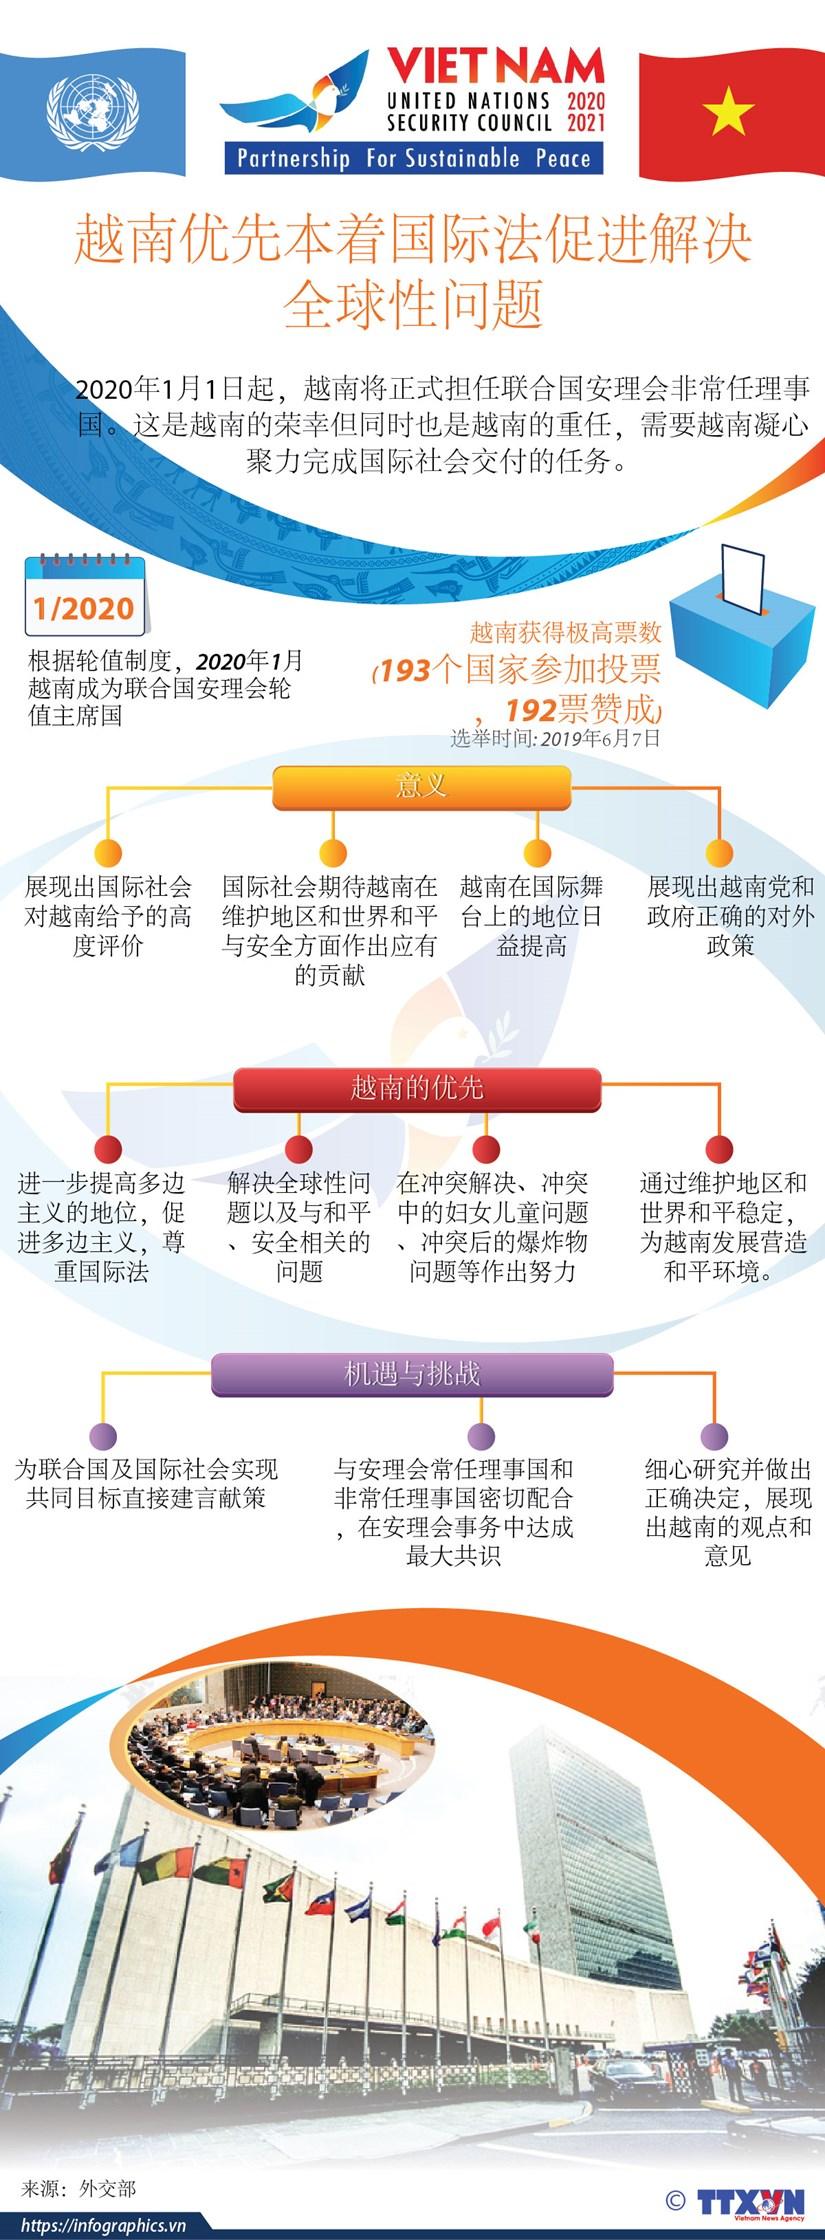 图表新闻:越南优先本着国际法促进解决全球性问题 hinh anh 1